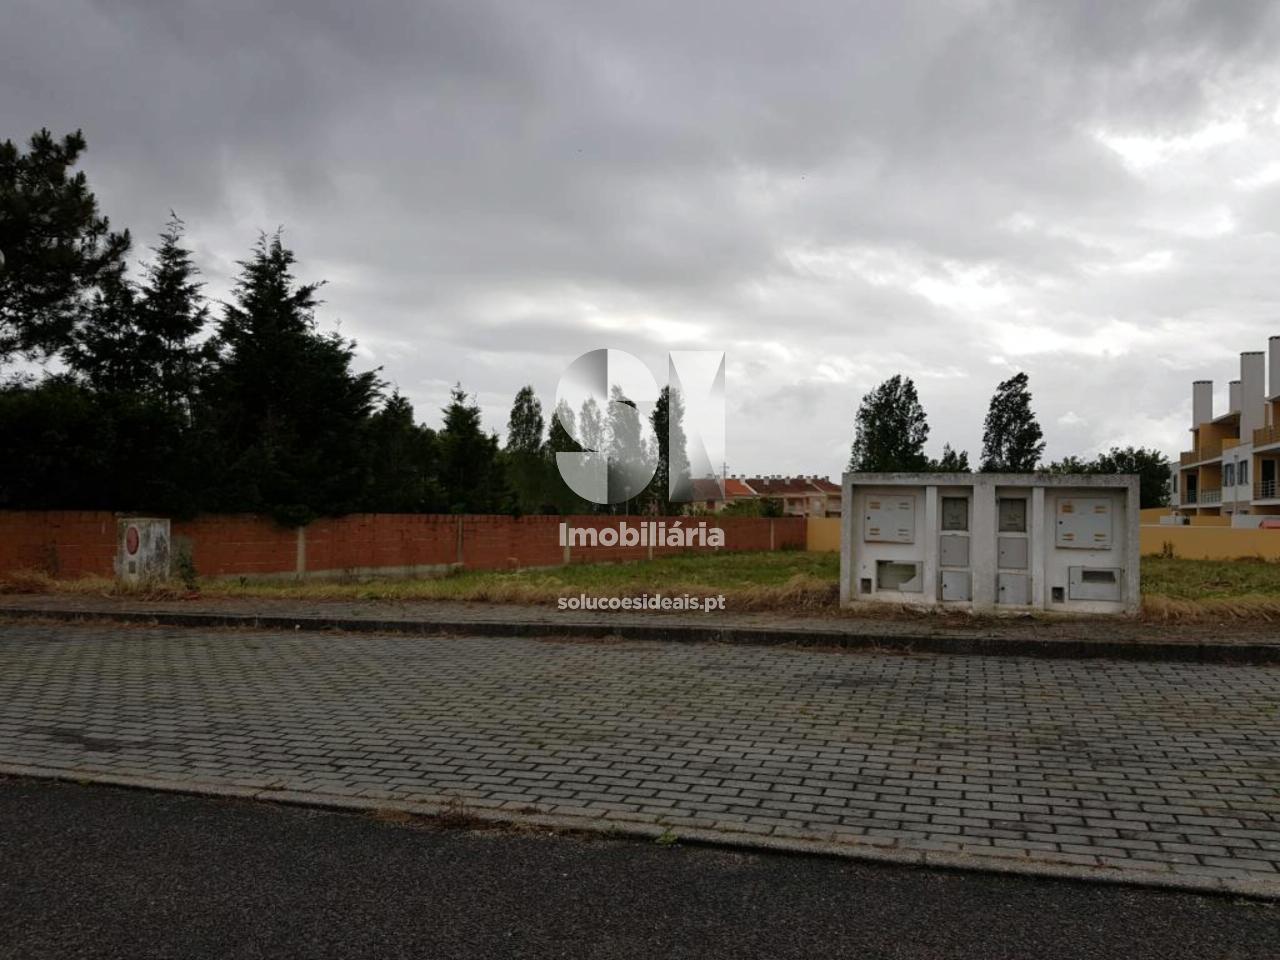 terreno para compra em torres vedras uniao das freguesias de campelos e outeiro da cabeca LFCLM461_1